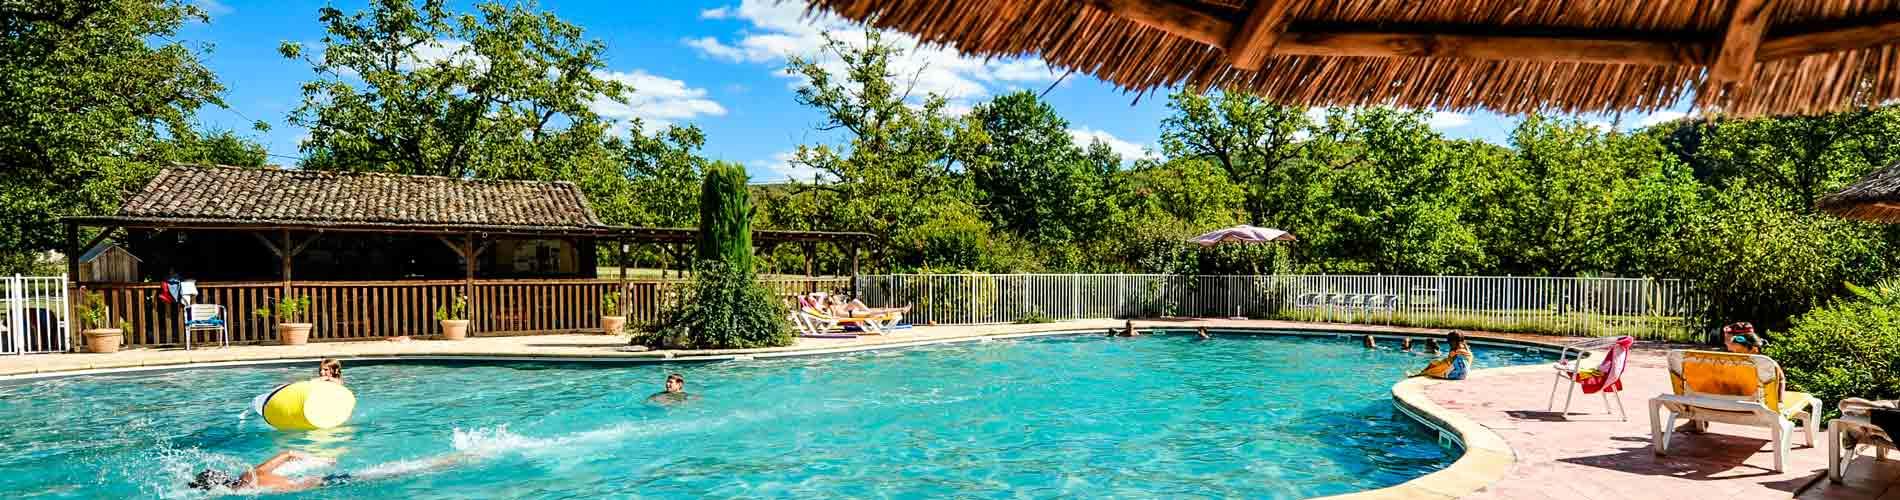 Camping lot avec piscine camping avec espace quatique for Camping lozere avec piscine